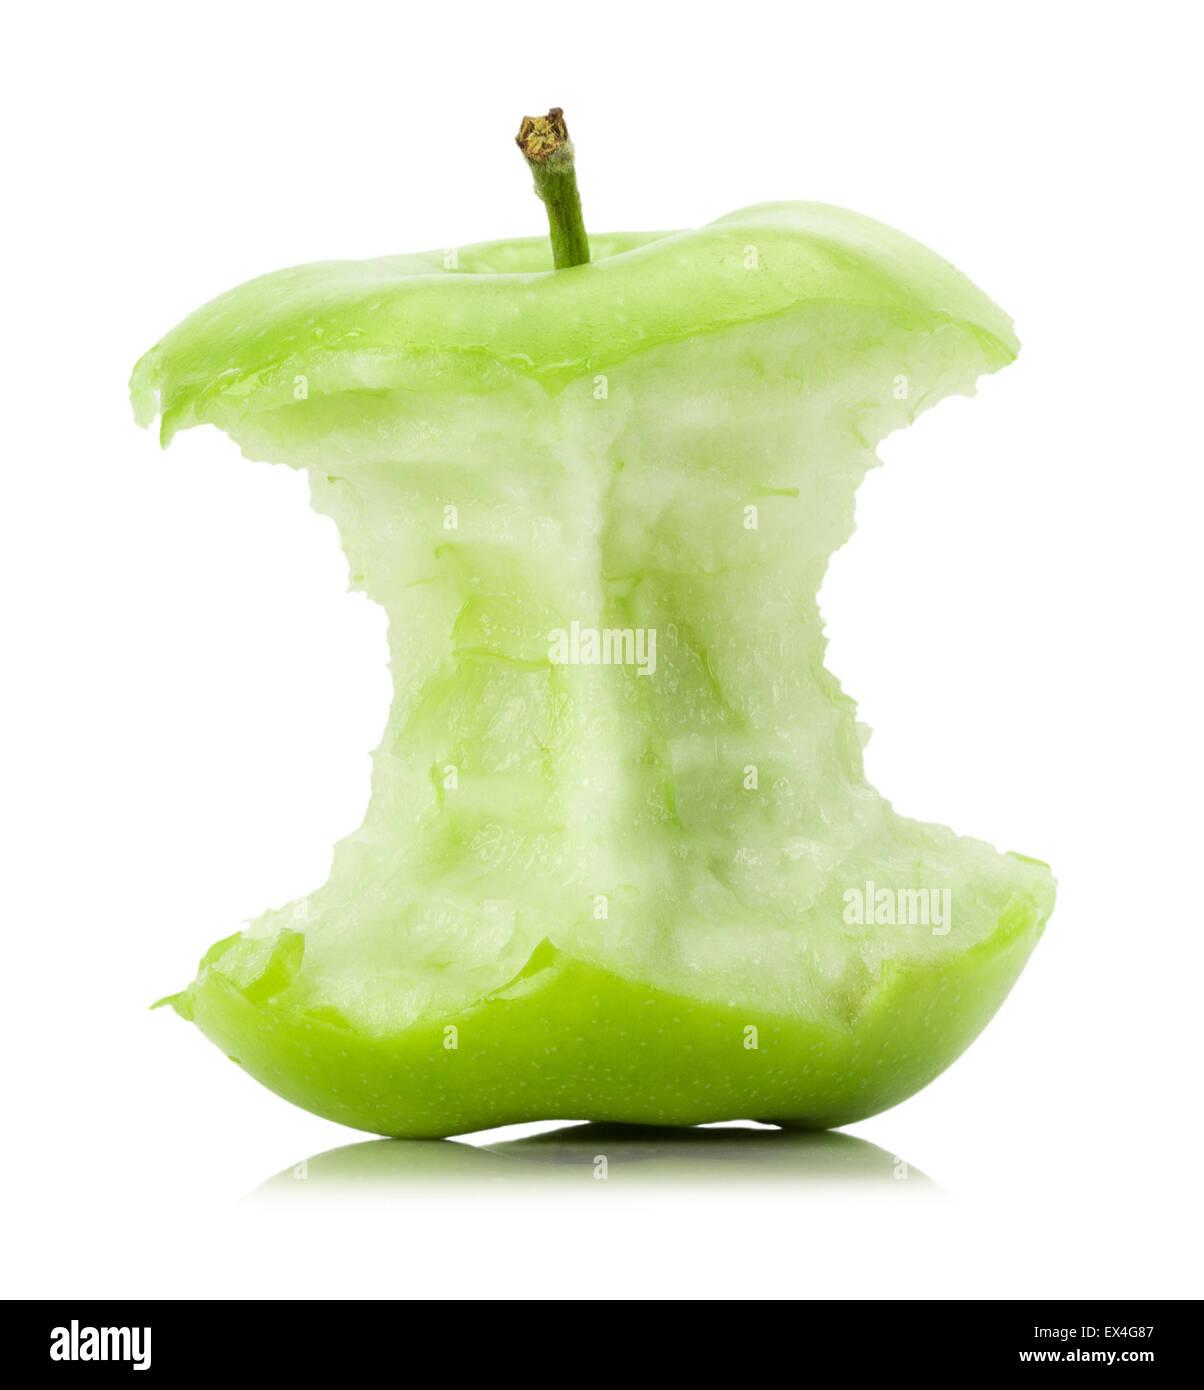 apple stub isolated on the white background. - Stock Image